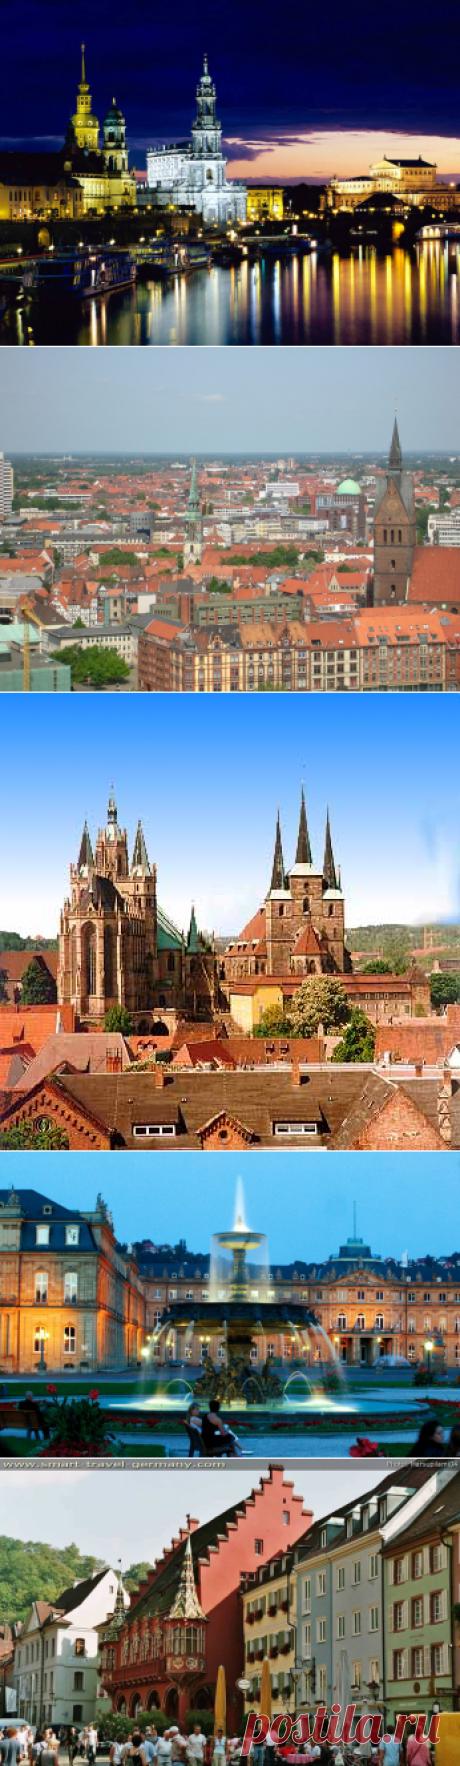 Достопримечательности Германии